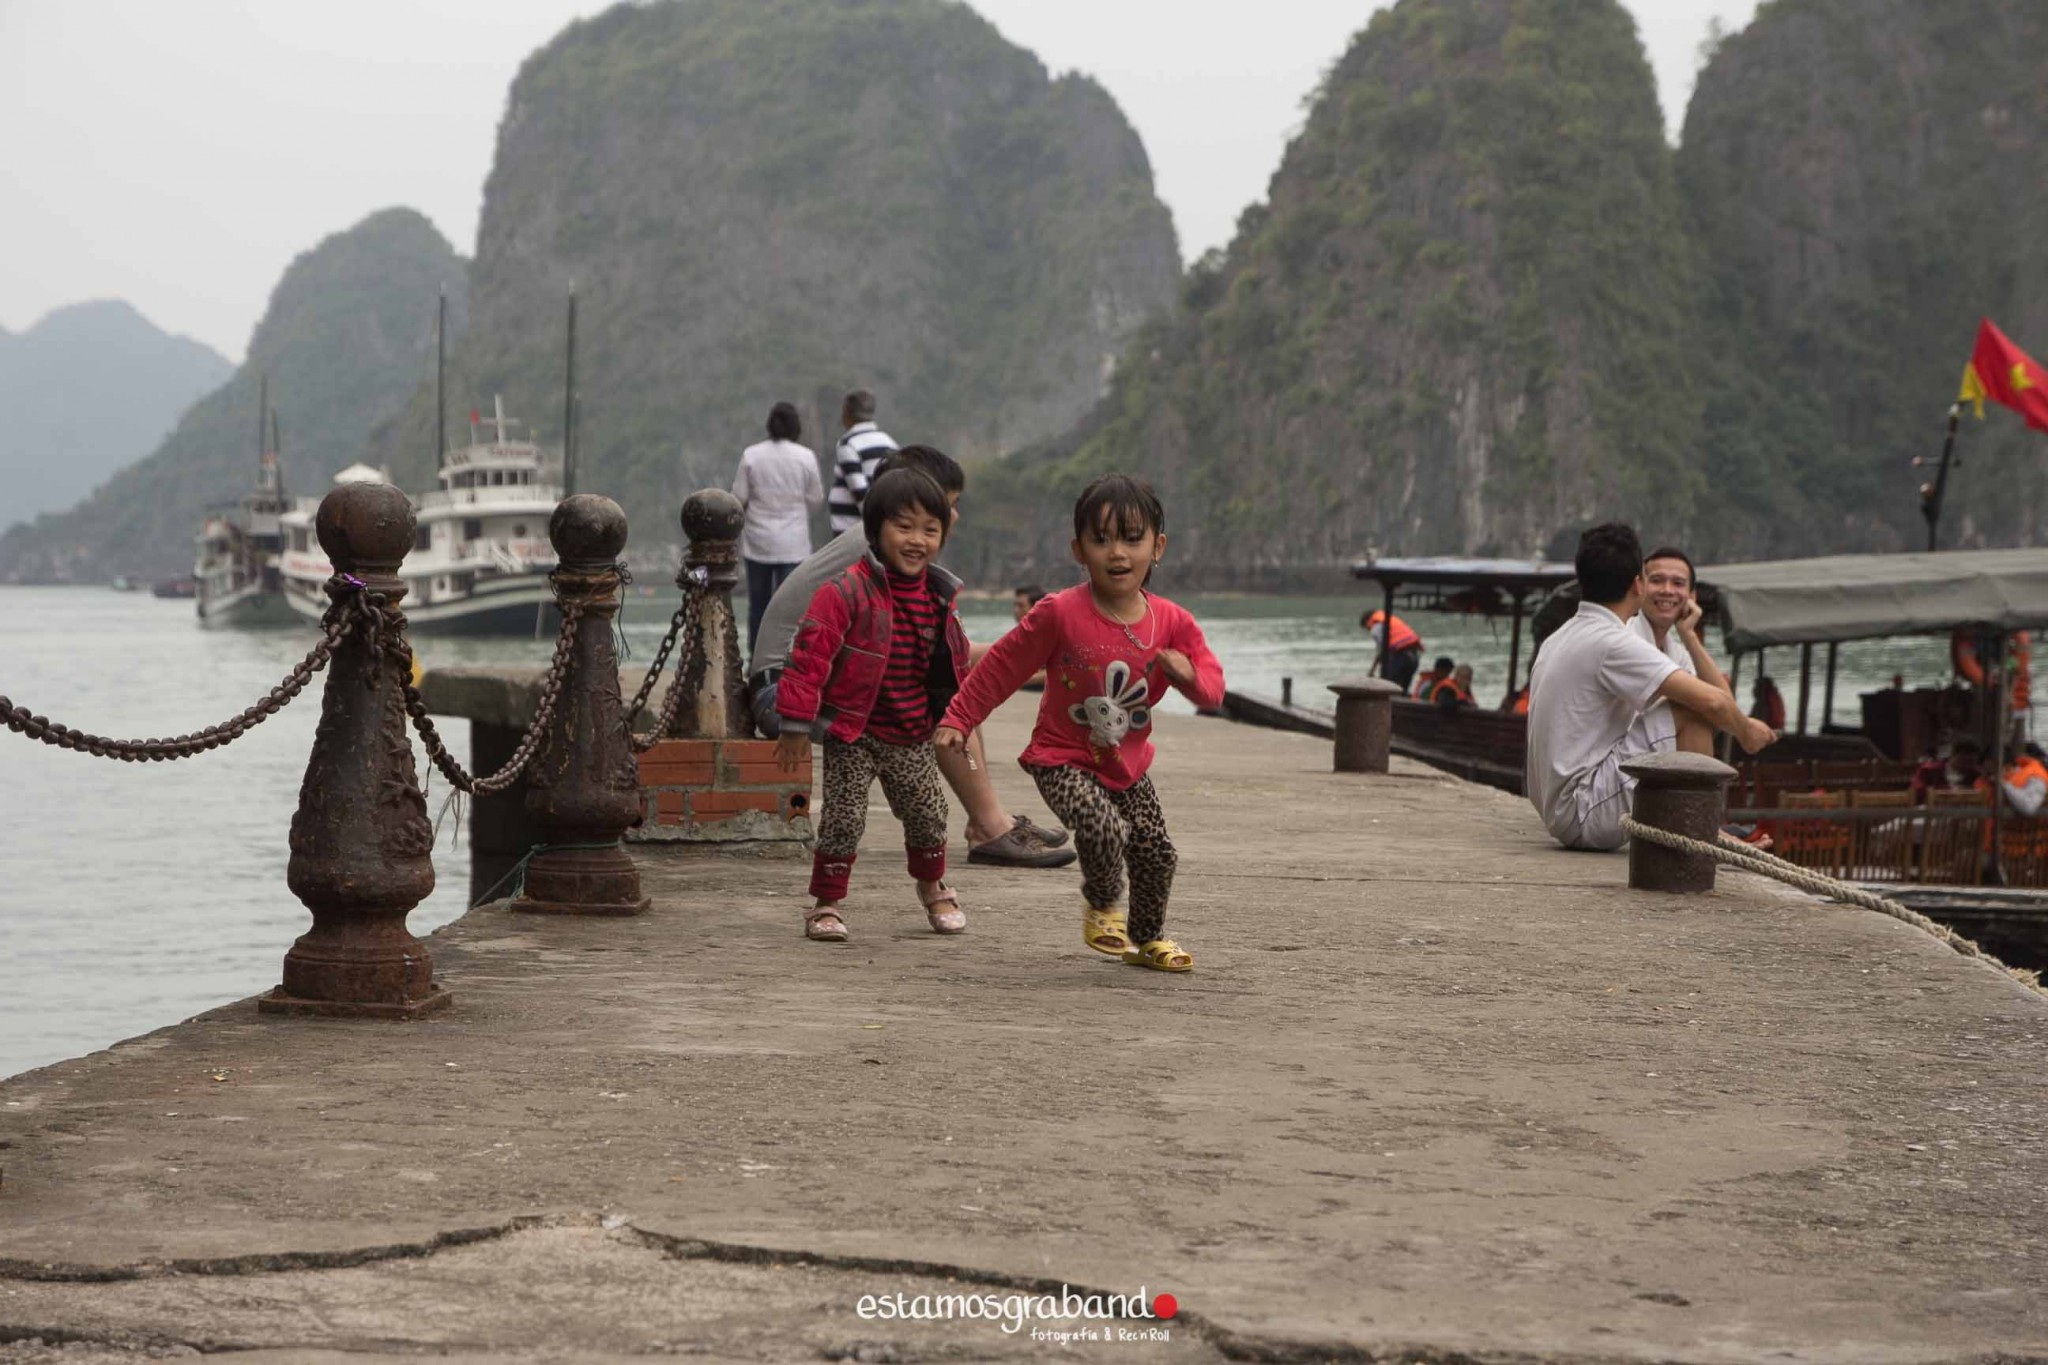 reportaje-vietnam_fotograficc81a-vietnam_estamosgrabando-vietnam_rutasvietnam_reportaje-retratos-fotos-vietnam_fotografia-vietnam_reportaje-estamosgrabando-fotograficc81a-vietnam-63 Pequeños grandes recuerdos de Vietnam en 100 imágenes - video boda cadiz